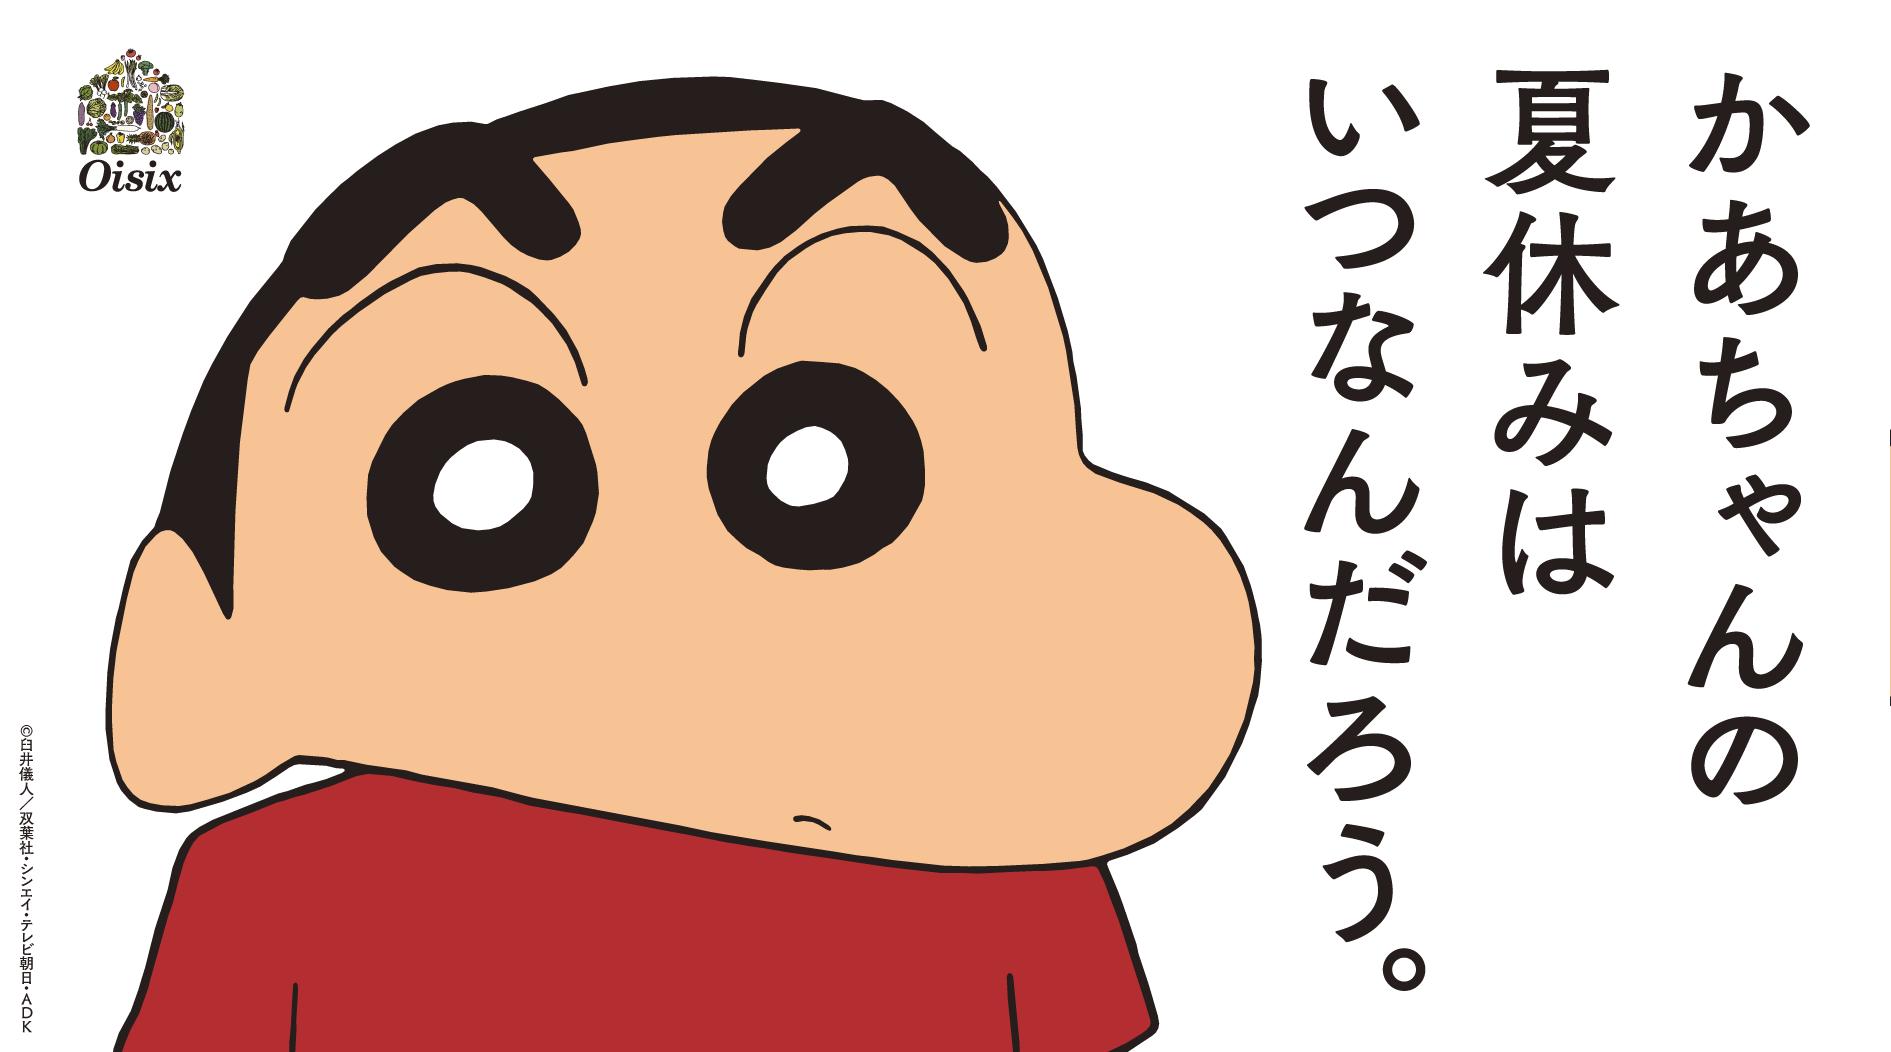 ©臼井儀人/双葉社・シンエイ・テレビ朝日・ADK